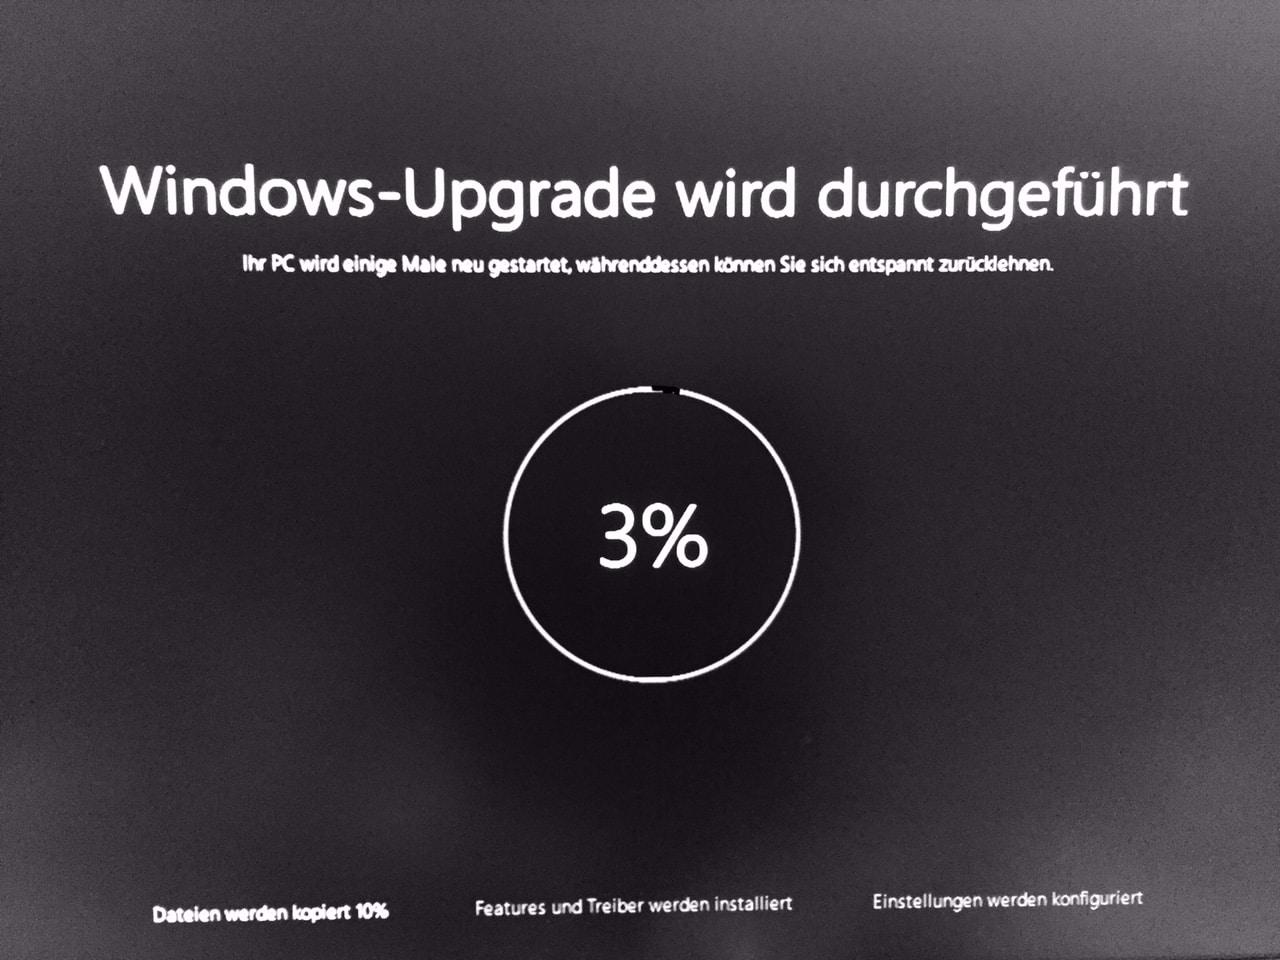 Windows Upgrade wird durchgefuehrt